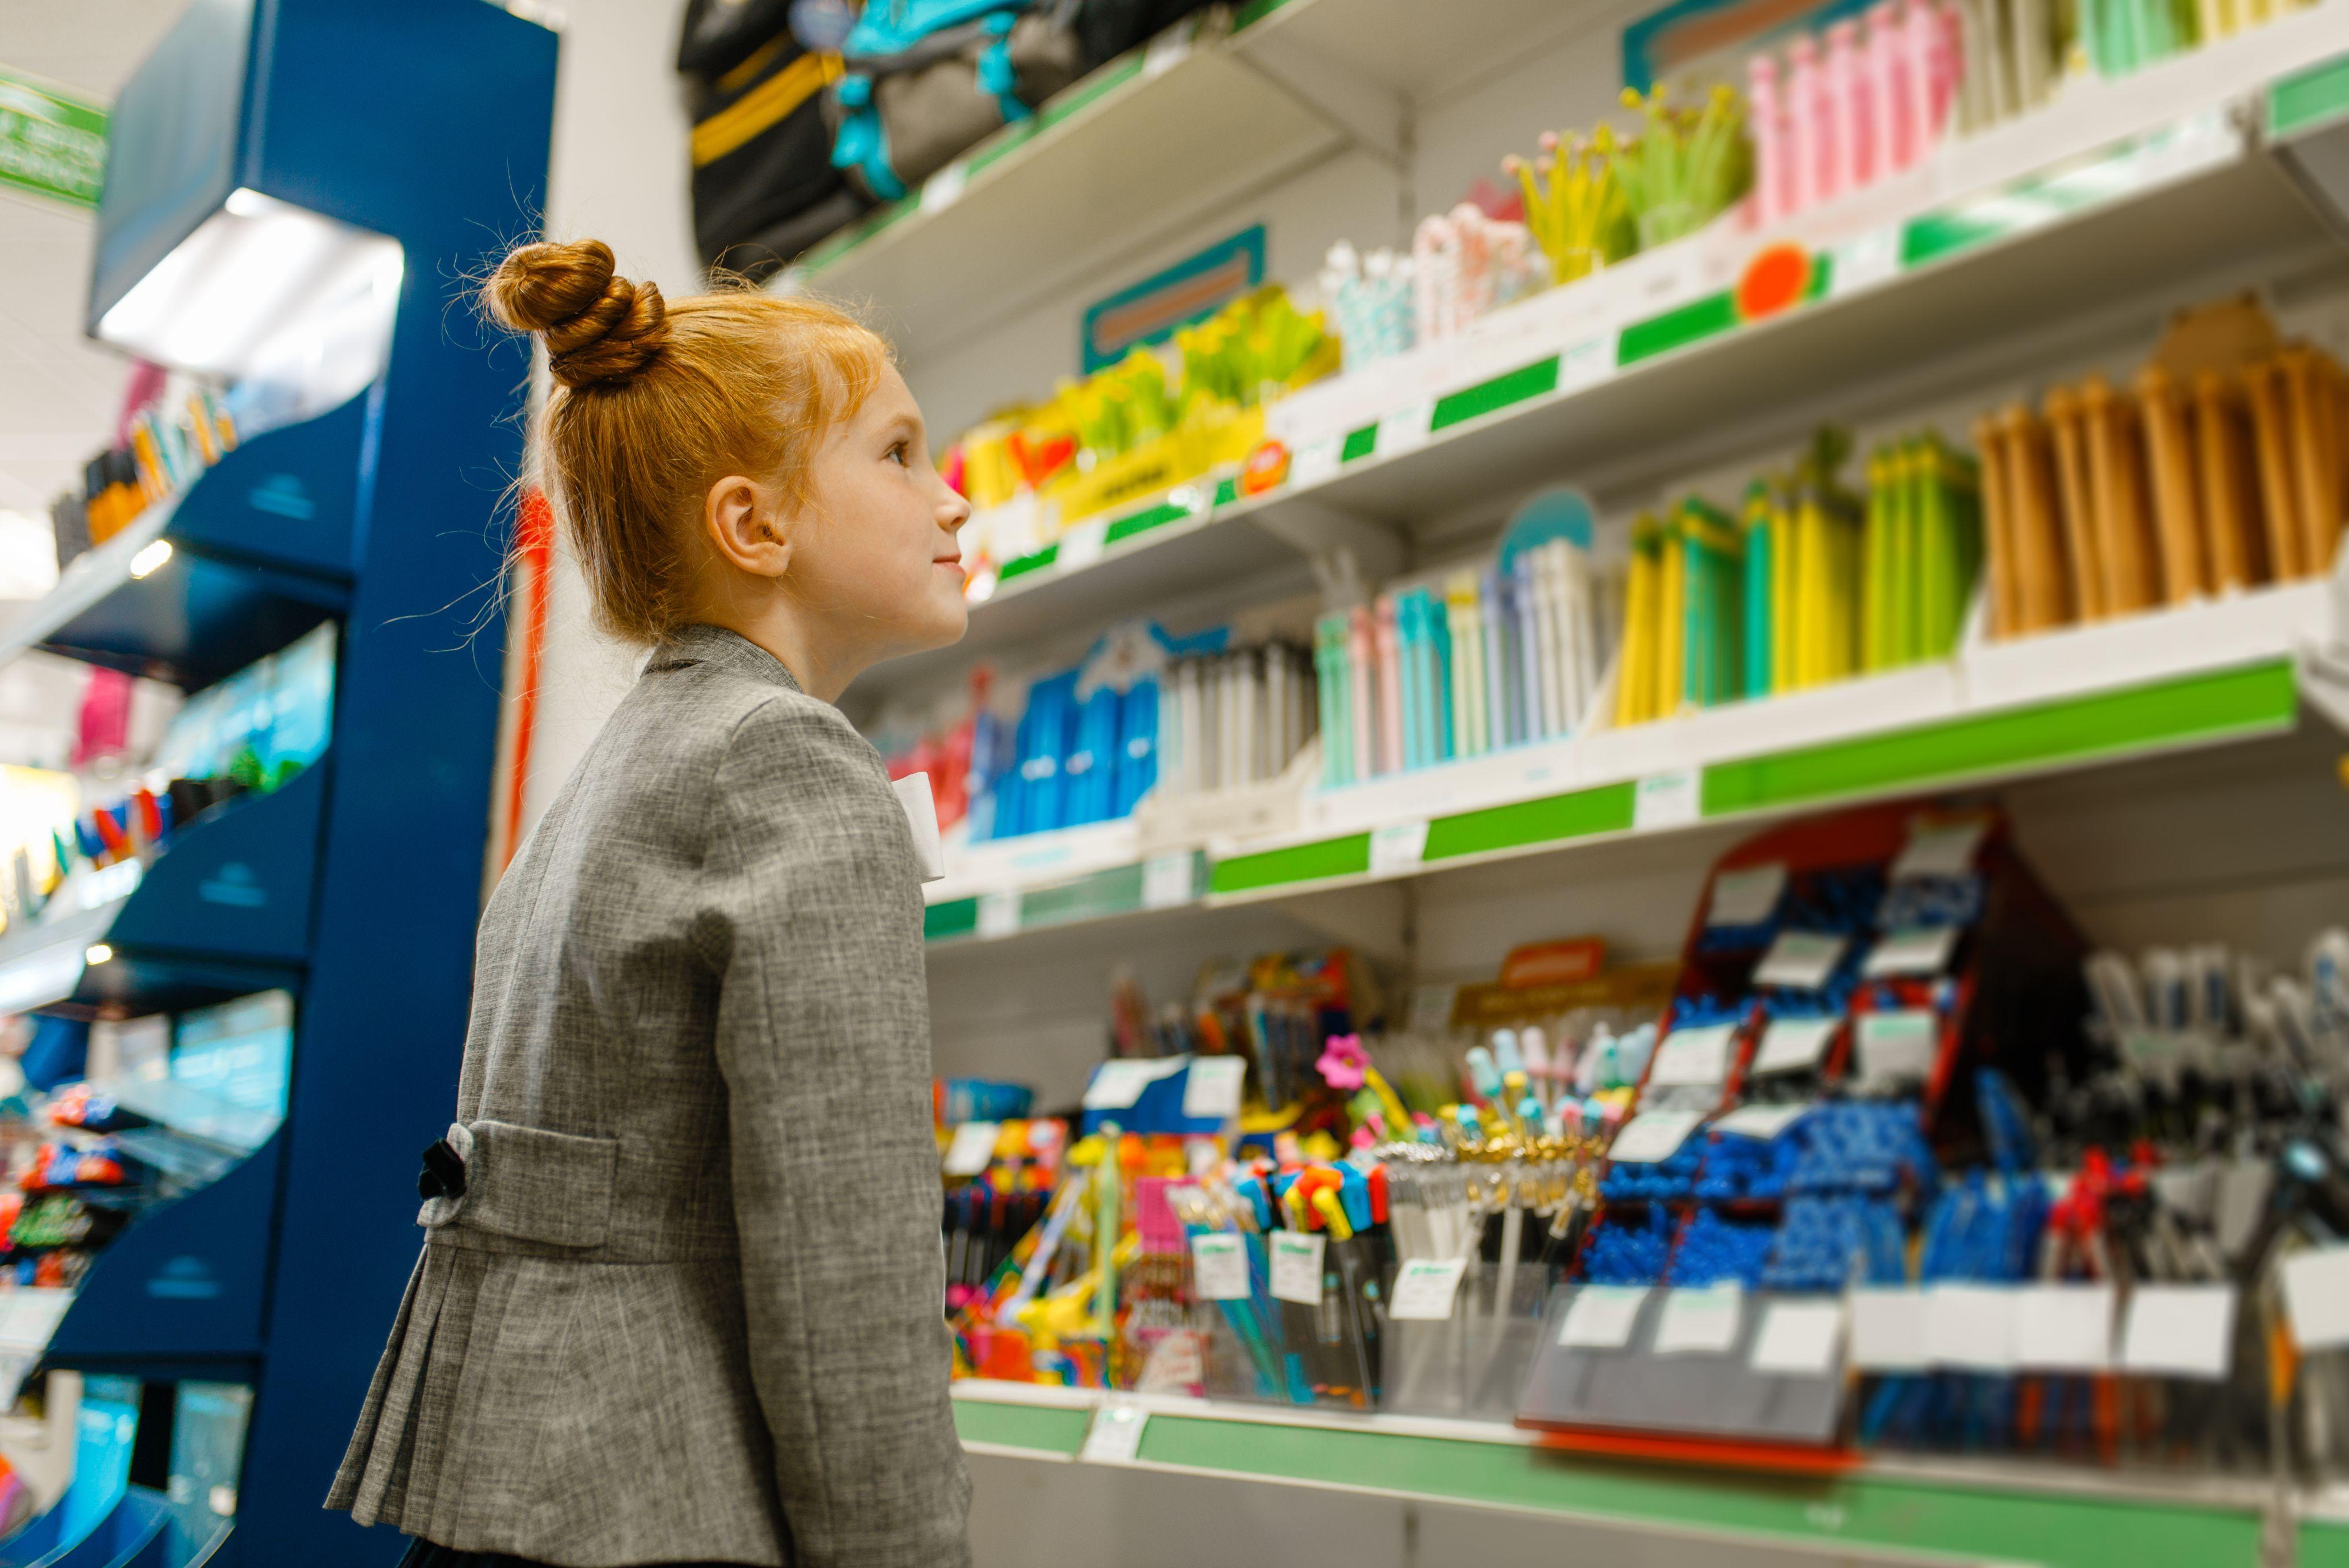 Scuola consigli per gli acquisti